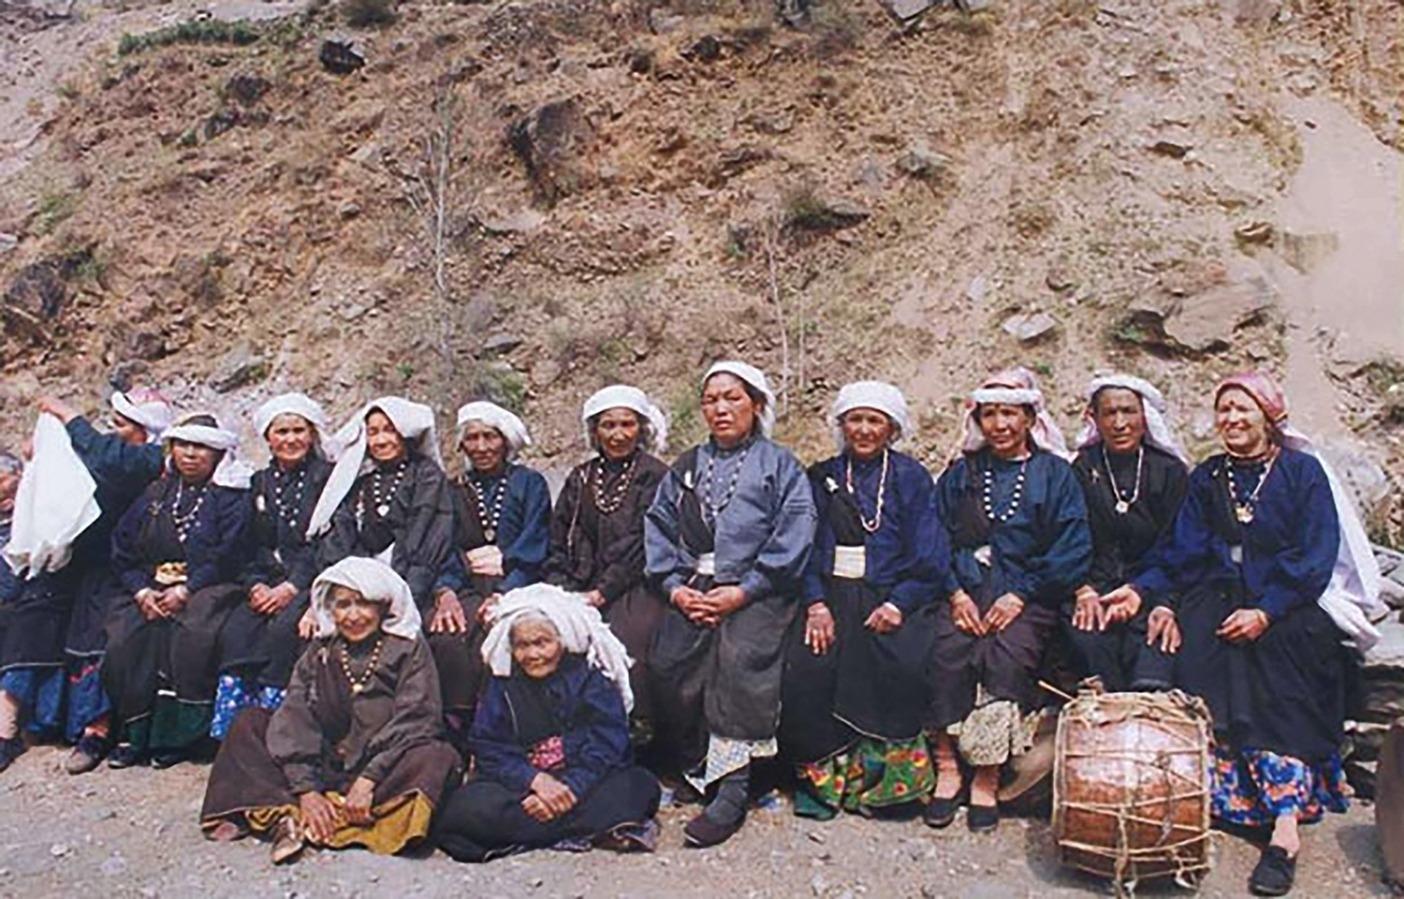 1974年のレニ村における初の女性のみのチプコ運動の参加者が30年後再編成された。出展:Wikimedia Commons